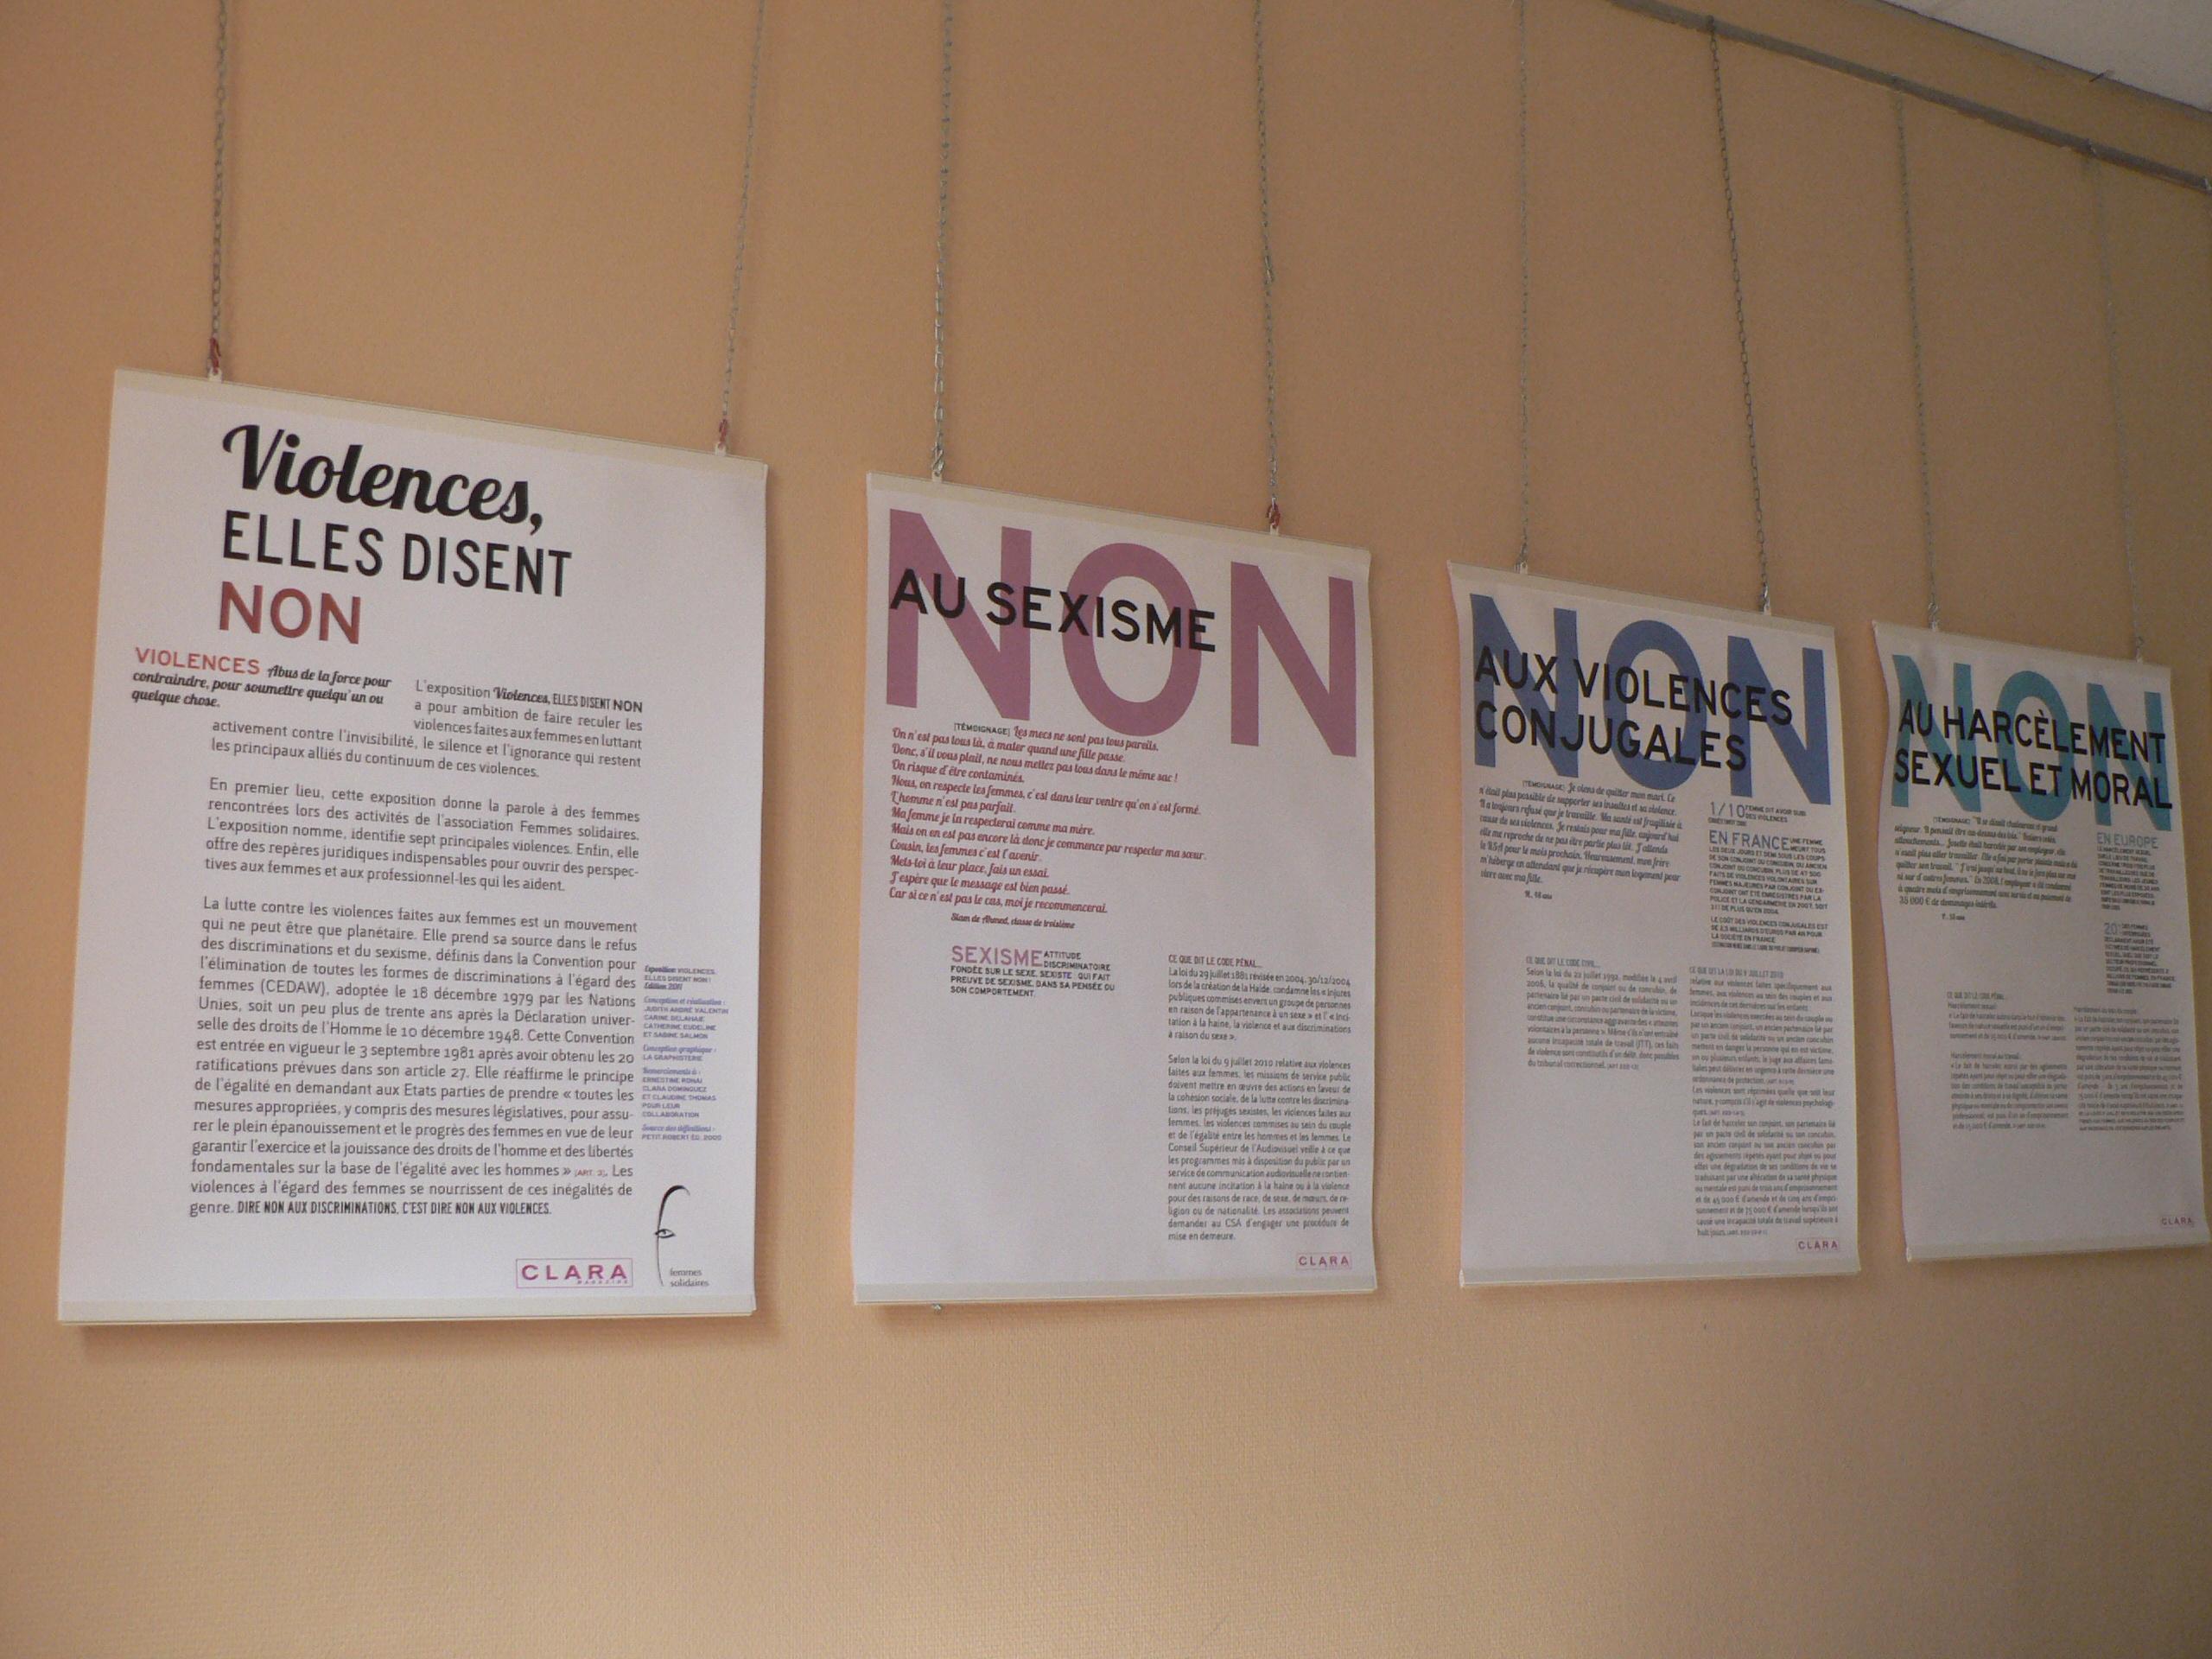 Femmes /Violences conjugales : Rencontre à la Maison du Citoyen sur un sujet tabou !